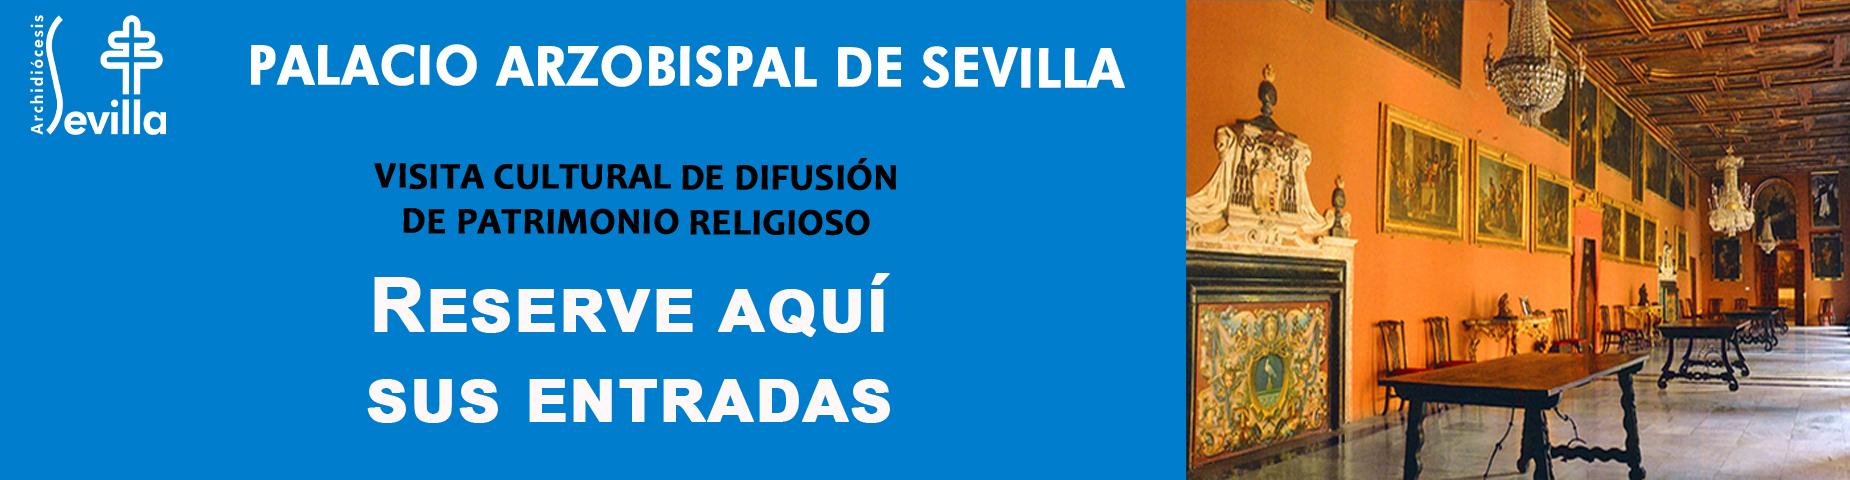 Banner-ReserveAquiSusEntradasVisitasCulturalesOK